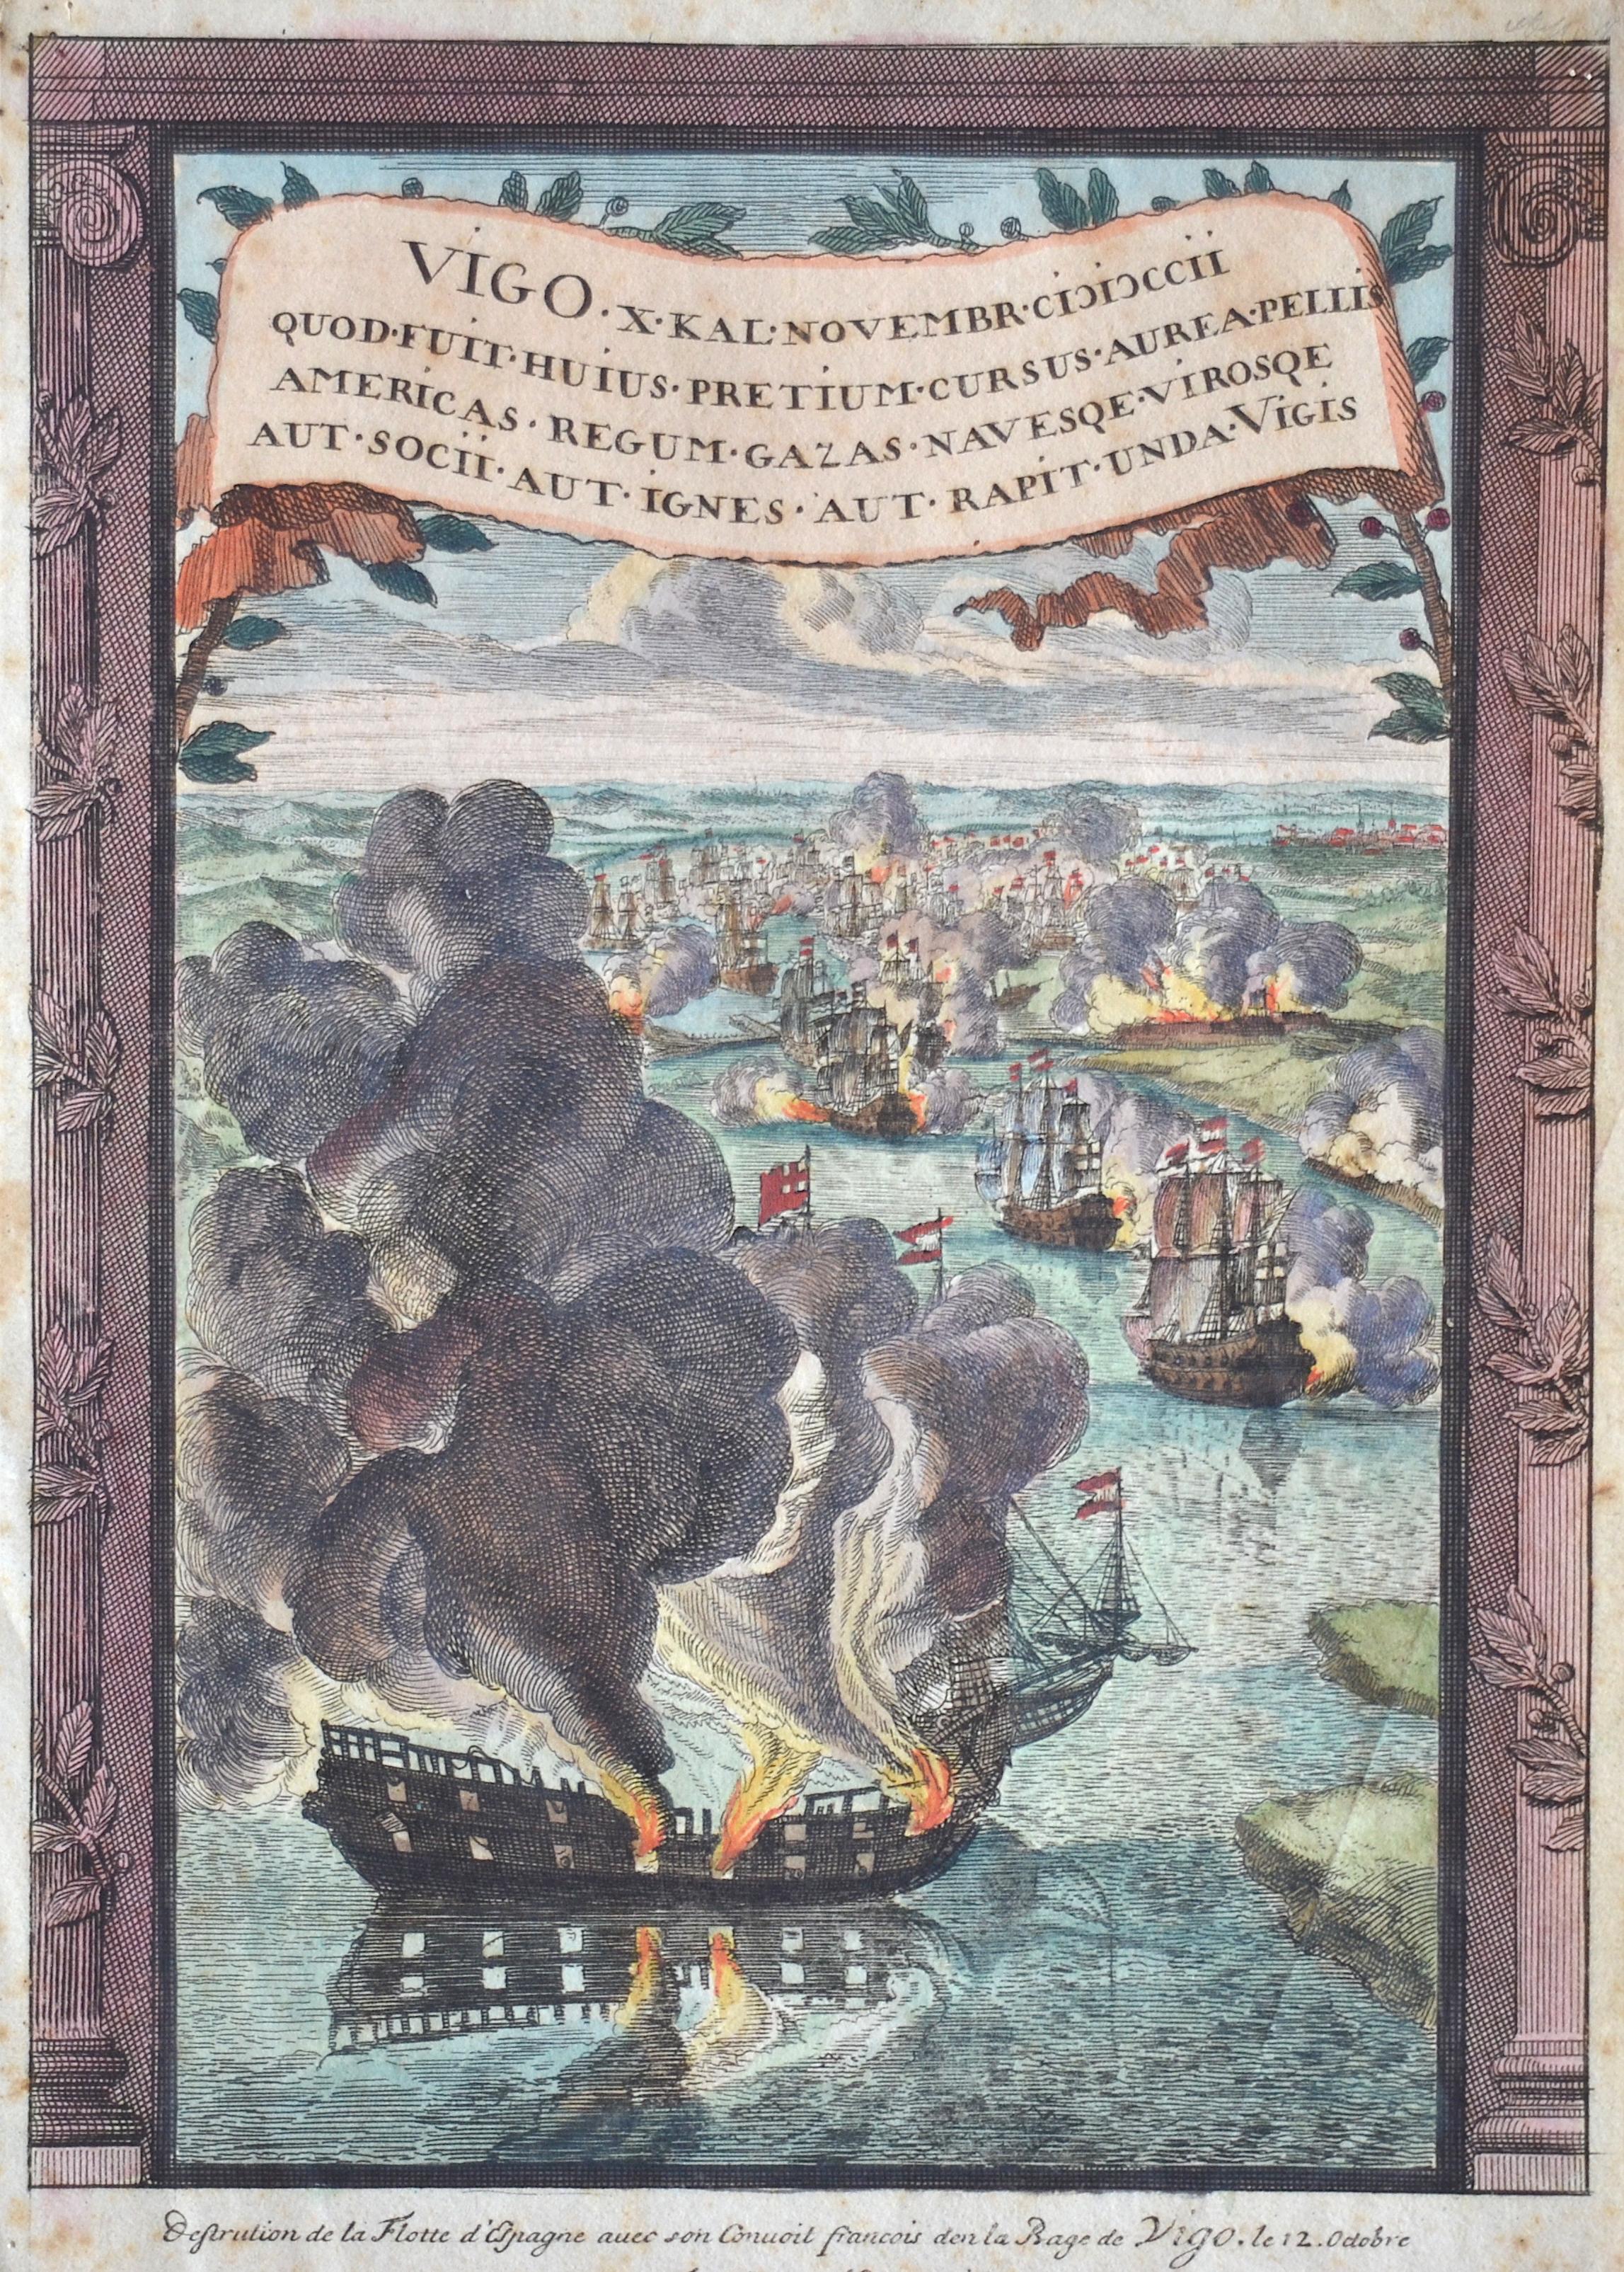 Anonymus  Destrution de la Flotte d'Espagne avec son Conuoit francois den la Bage de Vigo. Le 12. Octobre par les force Angloises et Hollandoises 1702.